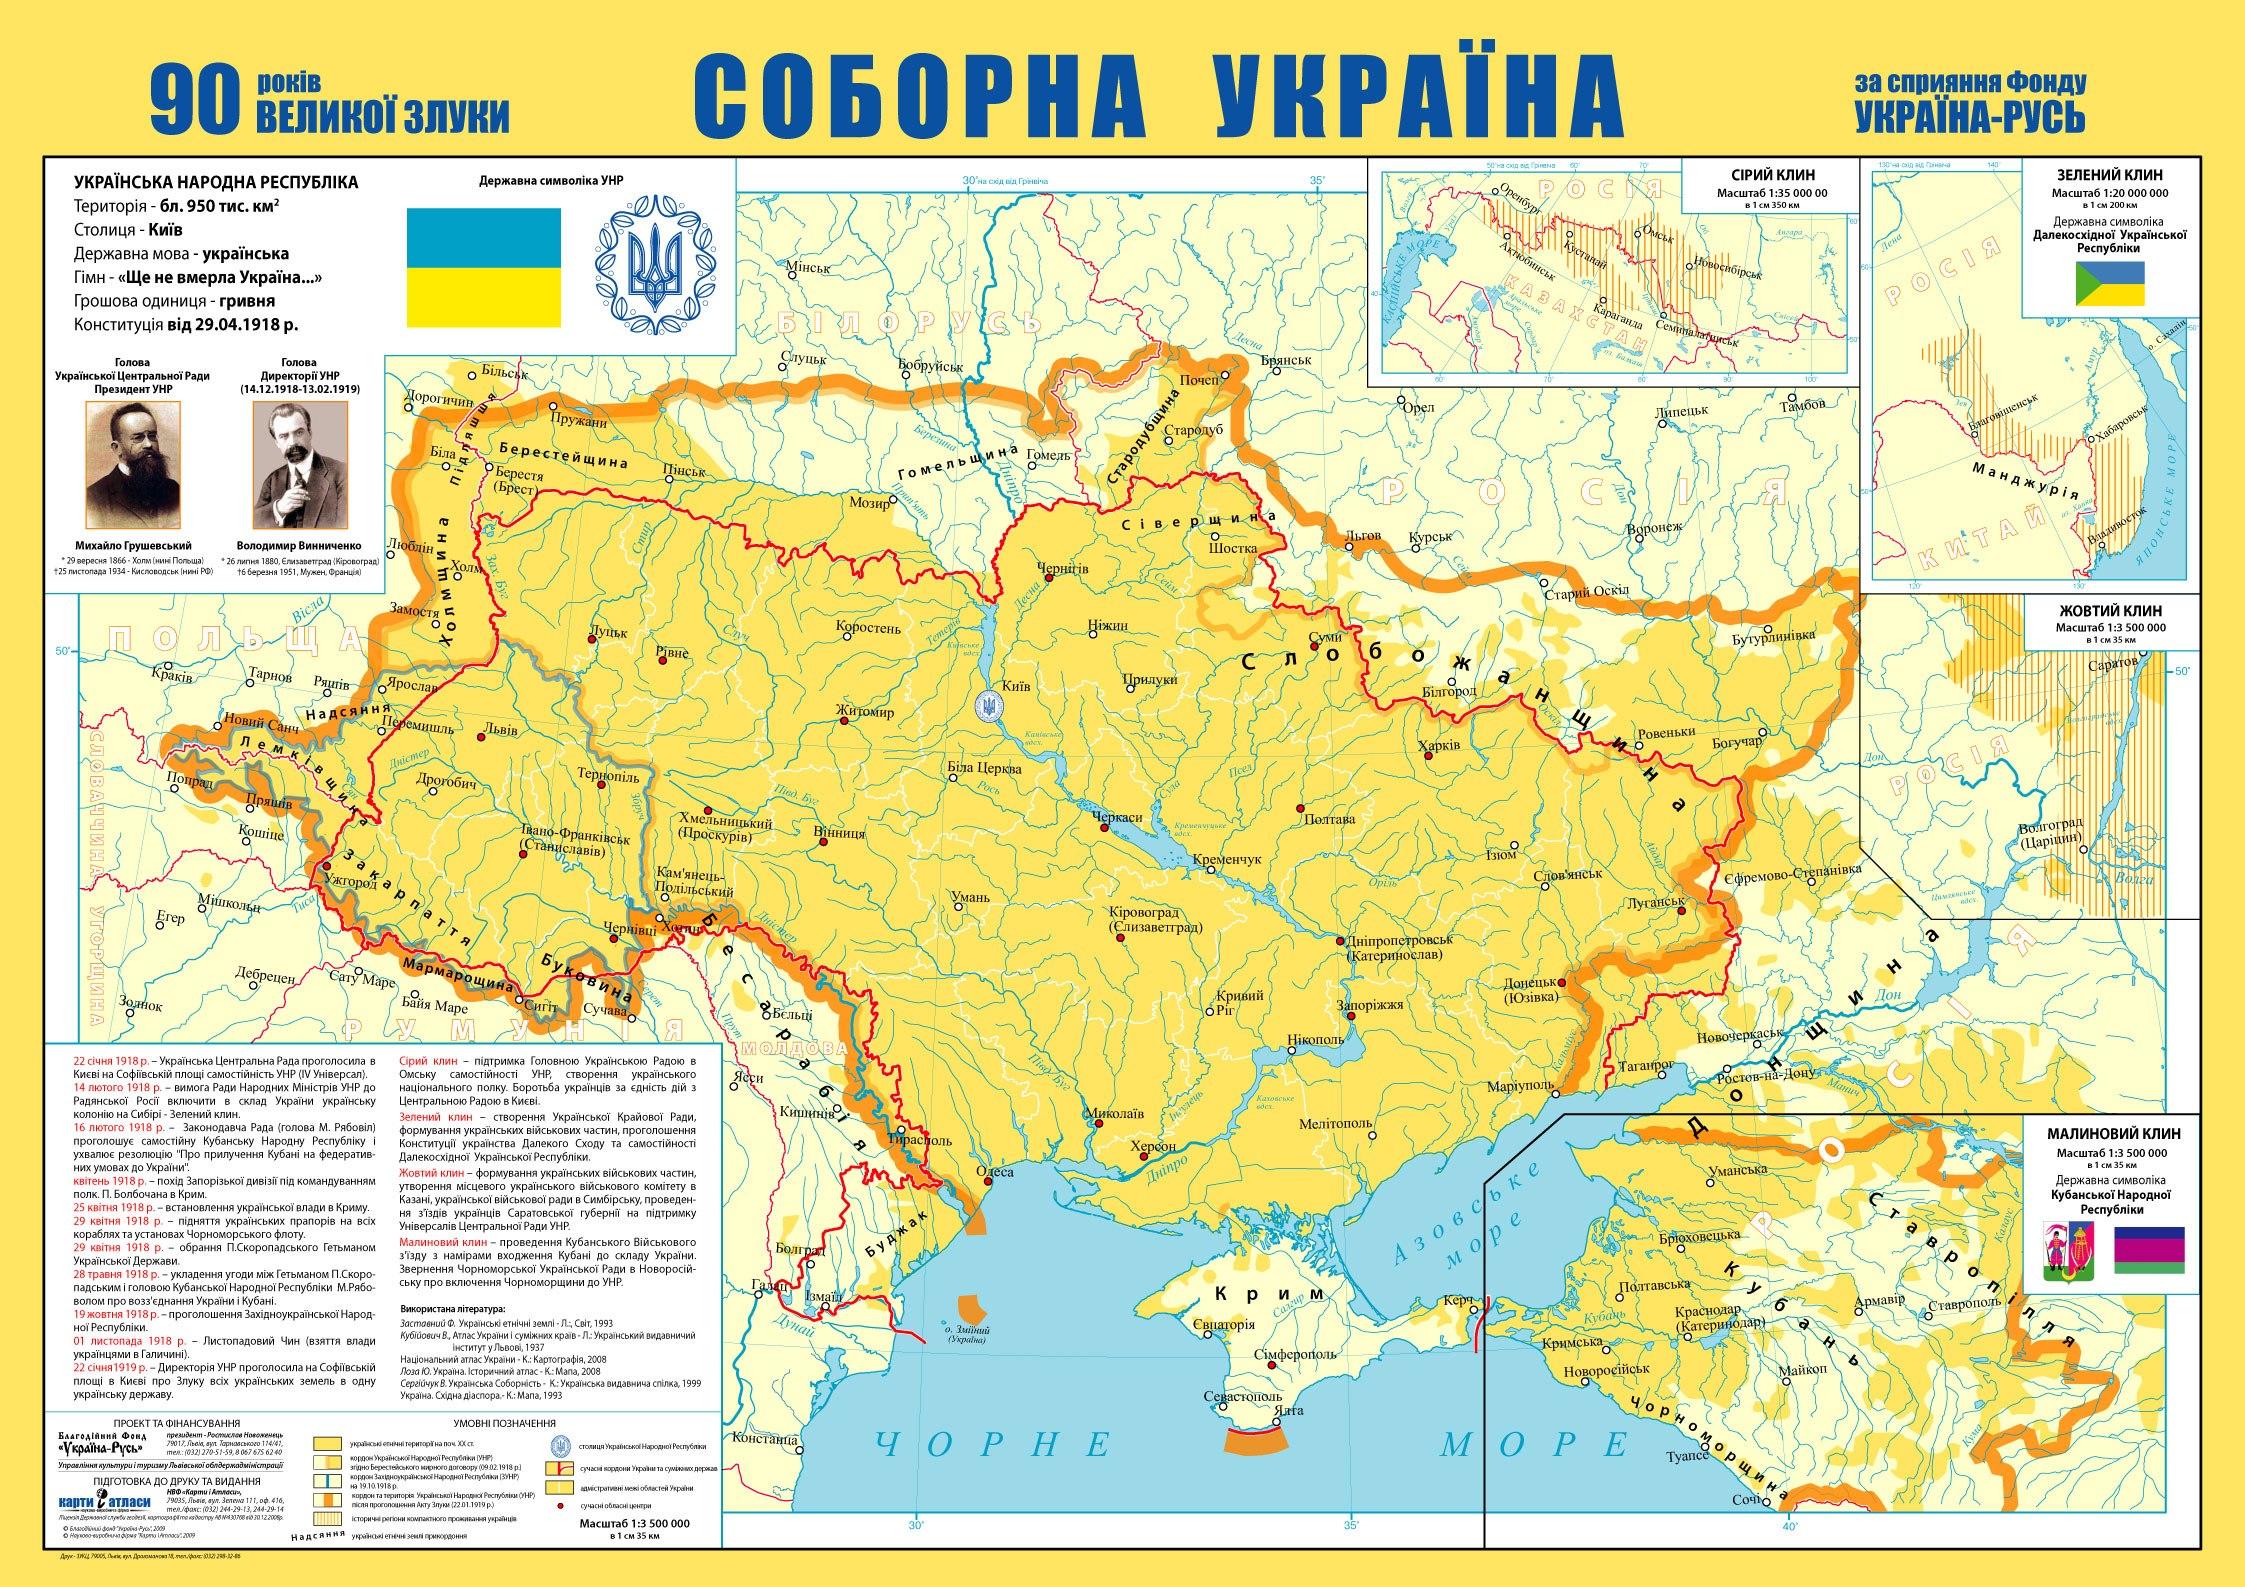 Россия дала толчок событиям Волынской трагедии, - Министр обороны Польши - Цензор.НЕТ 2155